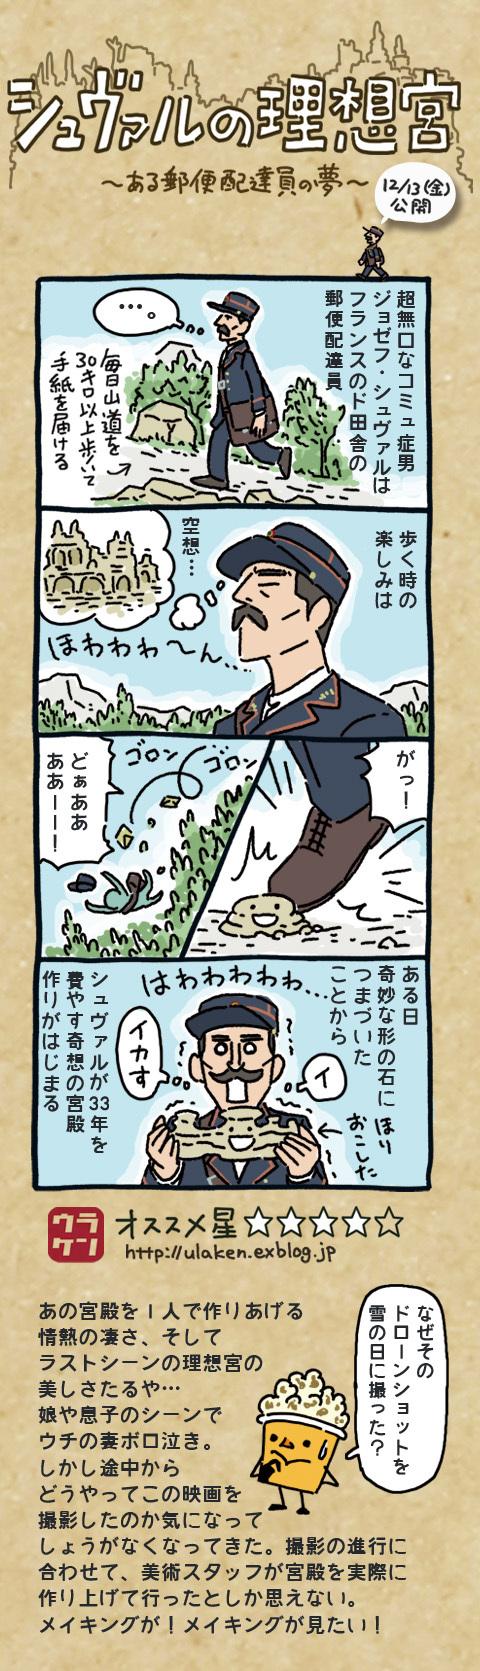 『シュヴァルの理想宮 ある郵便配達員の夢』_b0314286_10543941.jpg